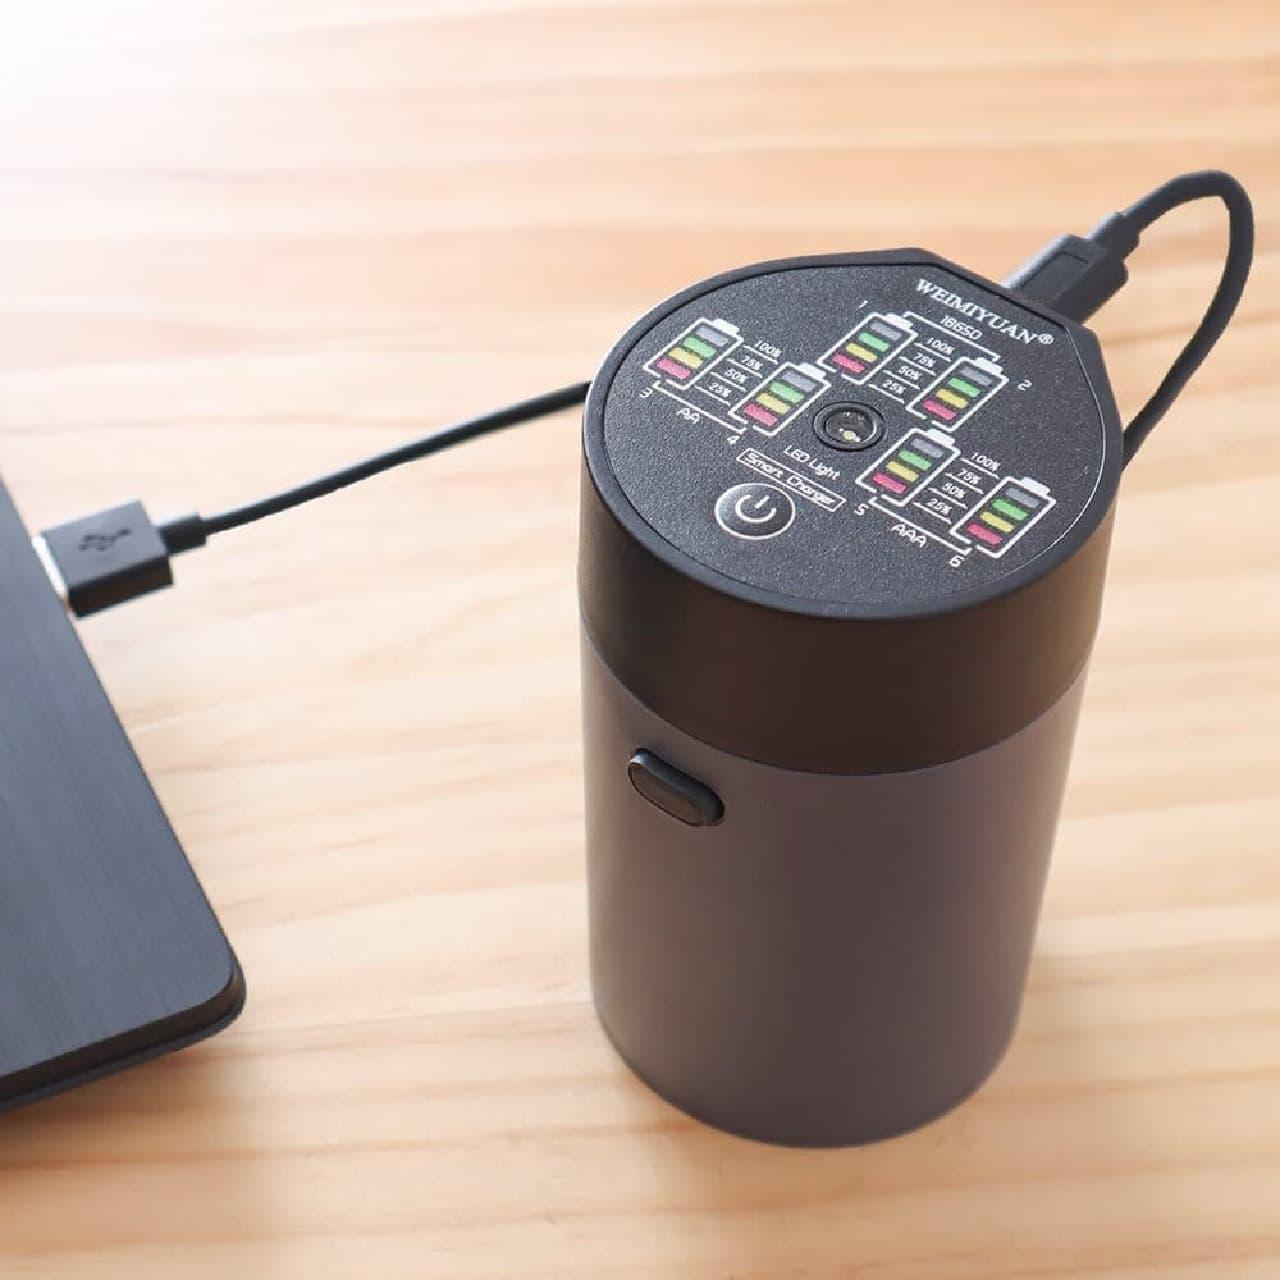 入れるだけUSB電池充電器 充電ポット